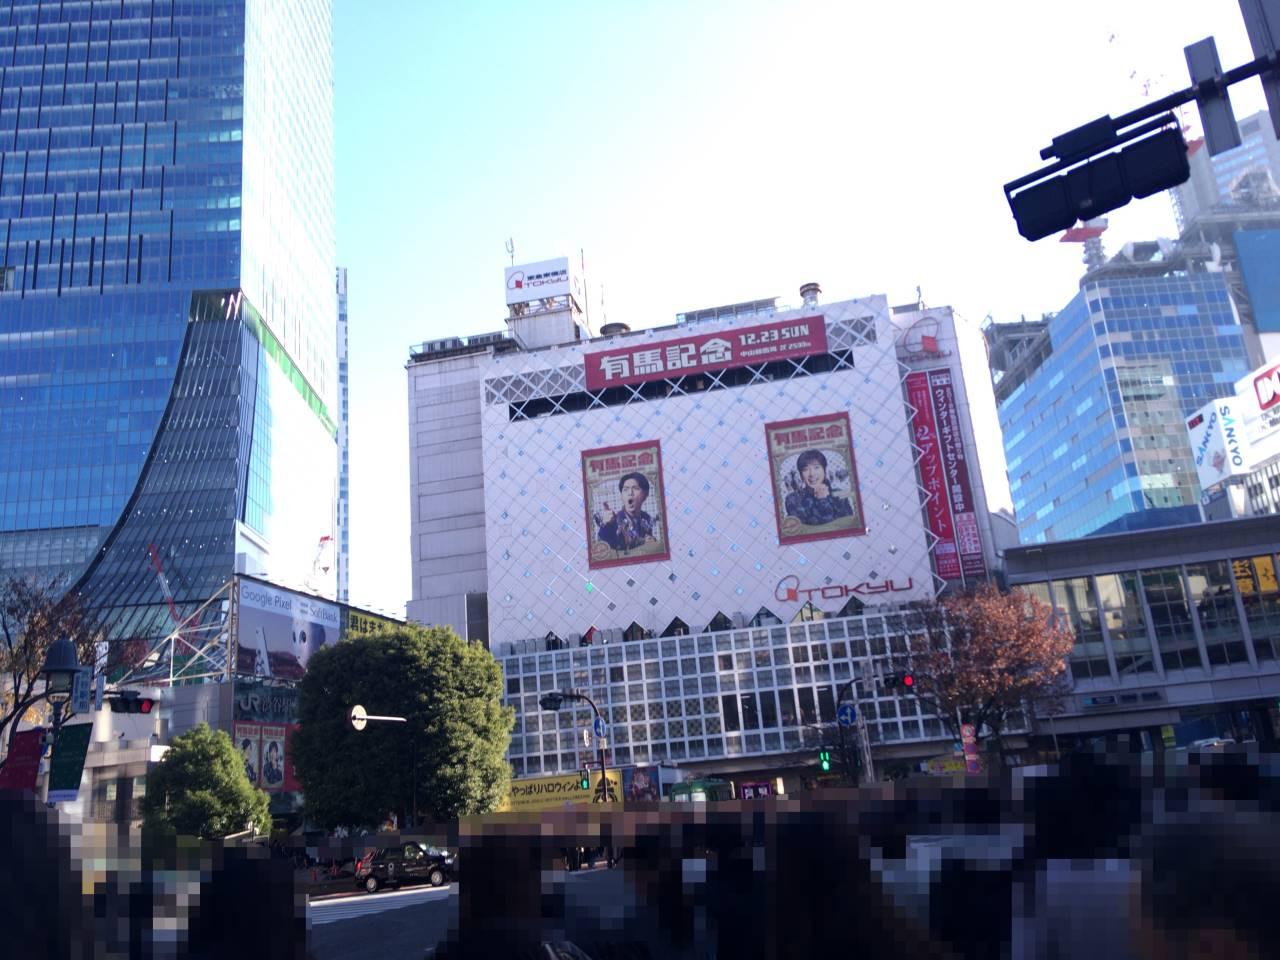 渋谷駅近くの光景